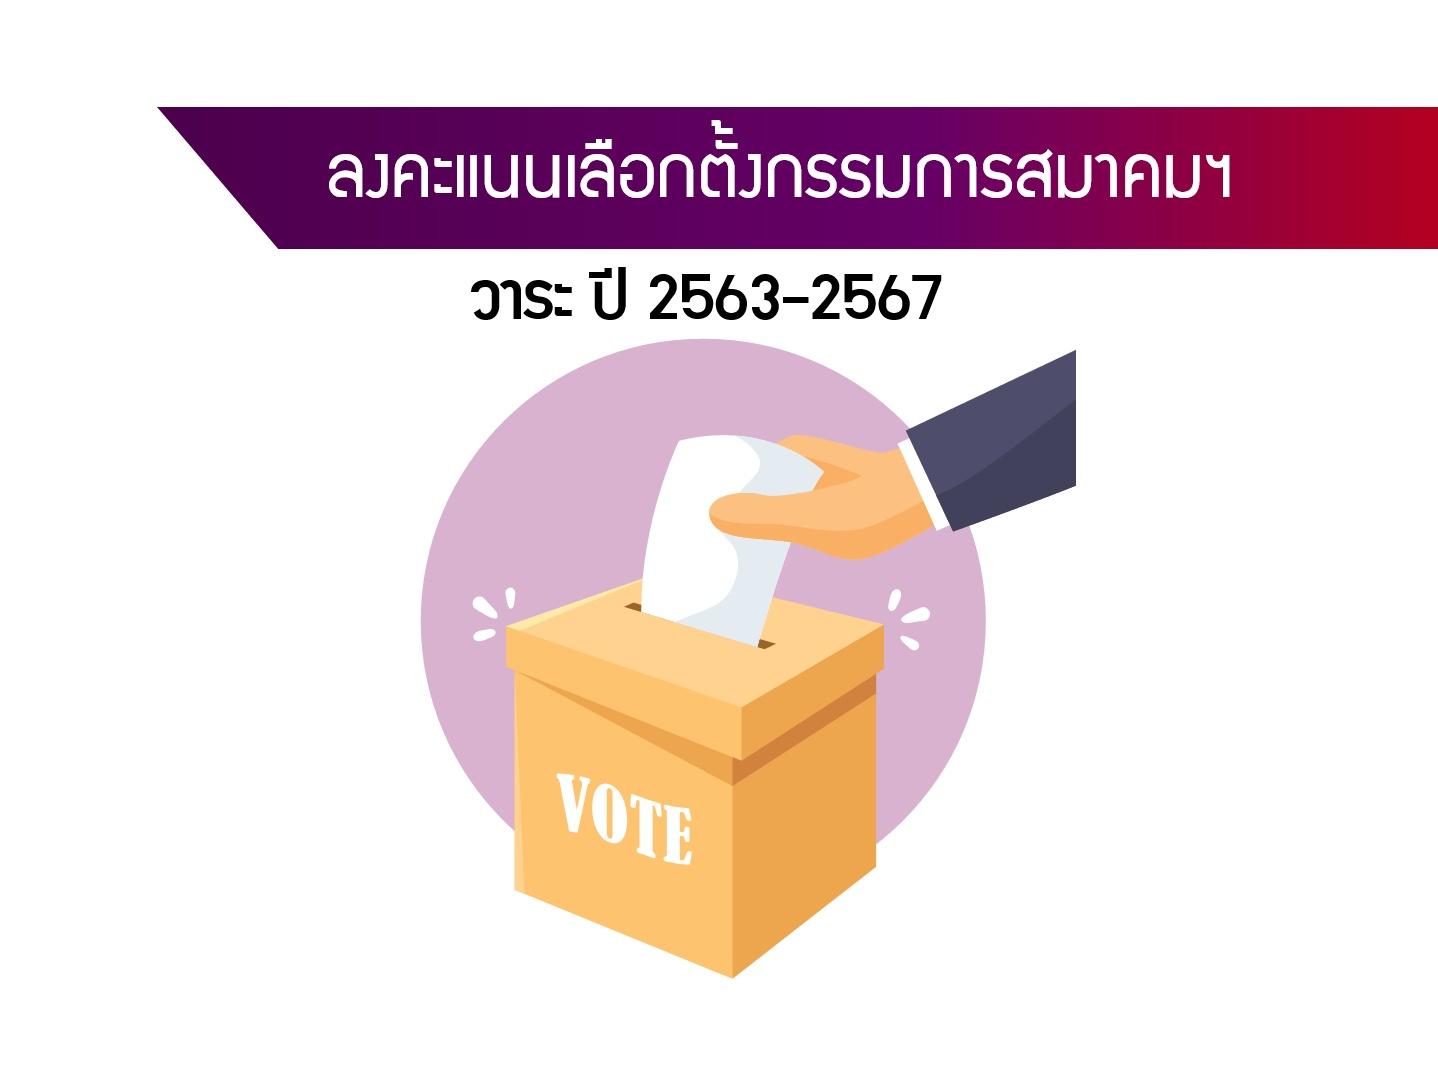 ลงคะแนนเลือกตั้งกรรมการสมาคมฯ วาระปี พ.ศ.2563-2567